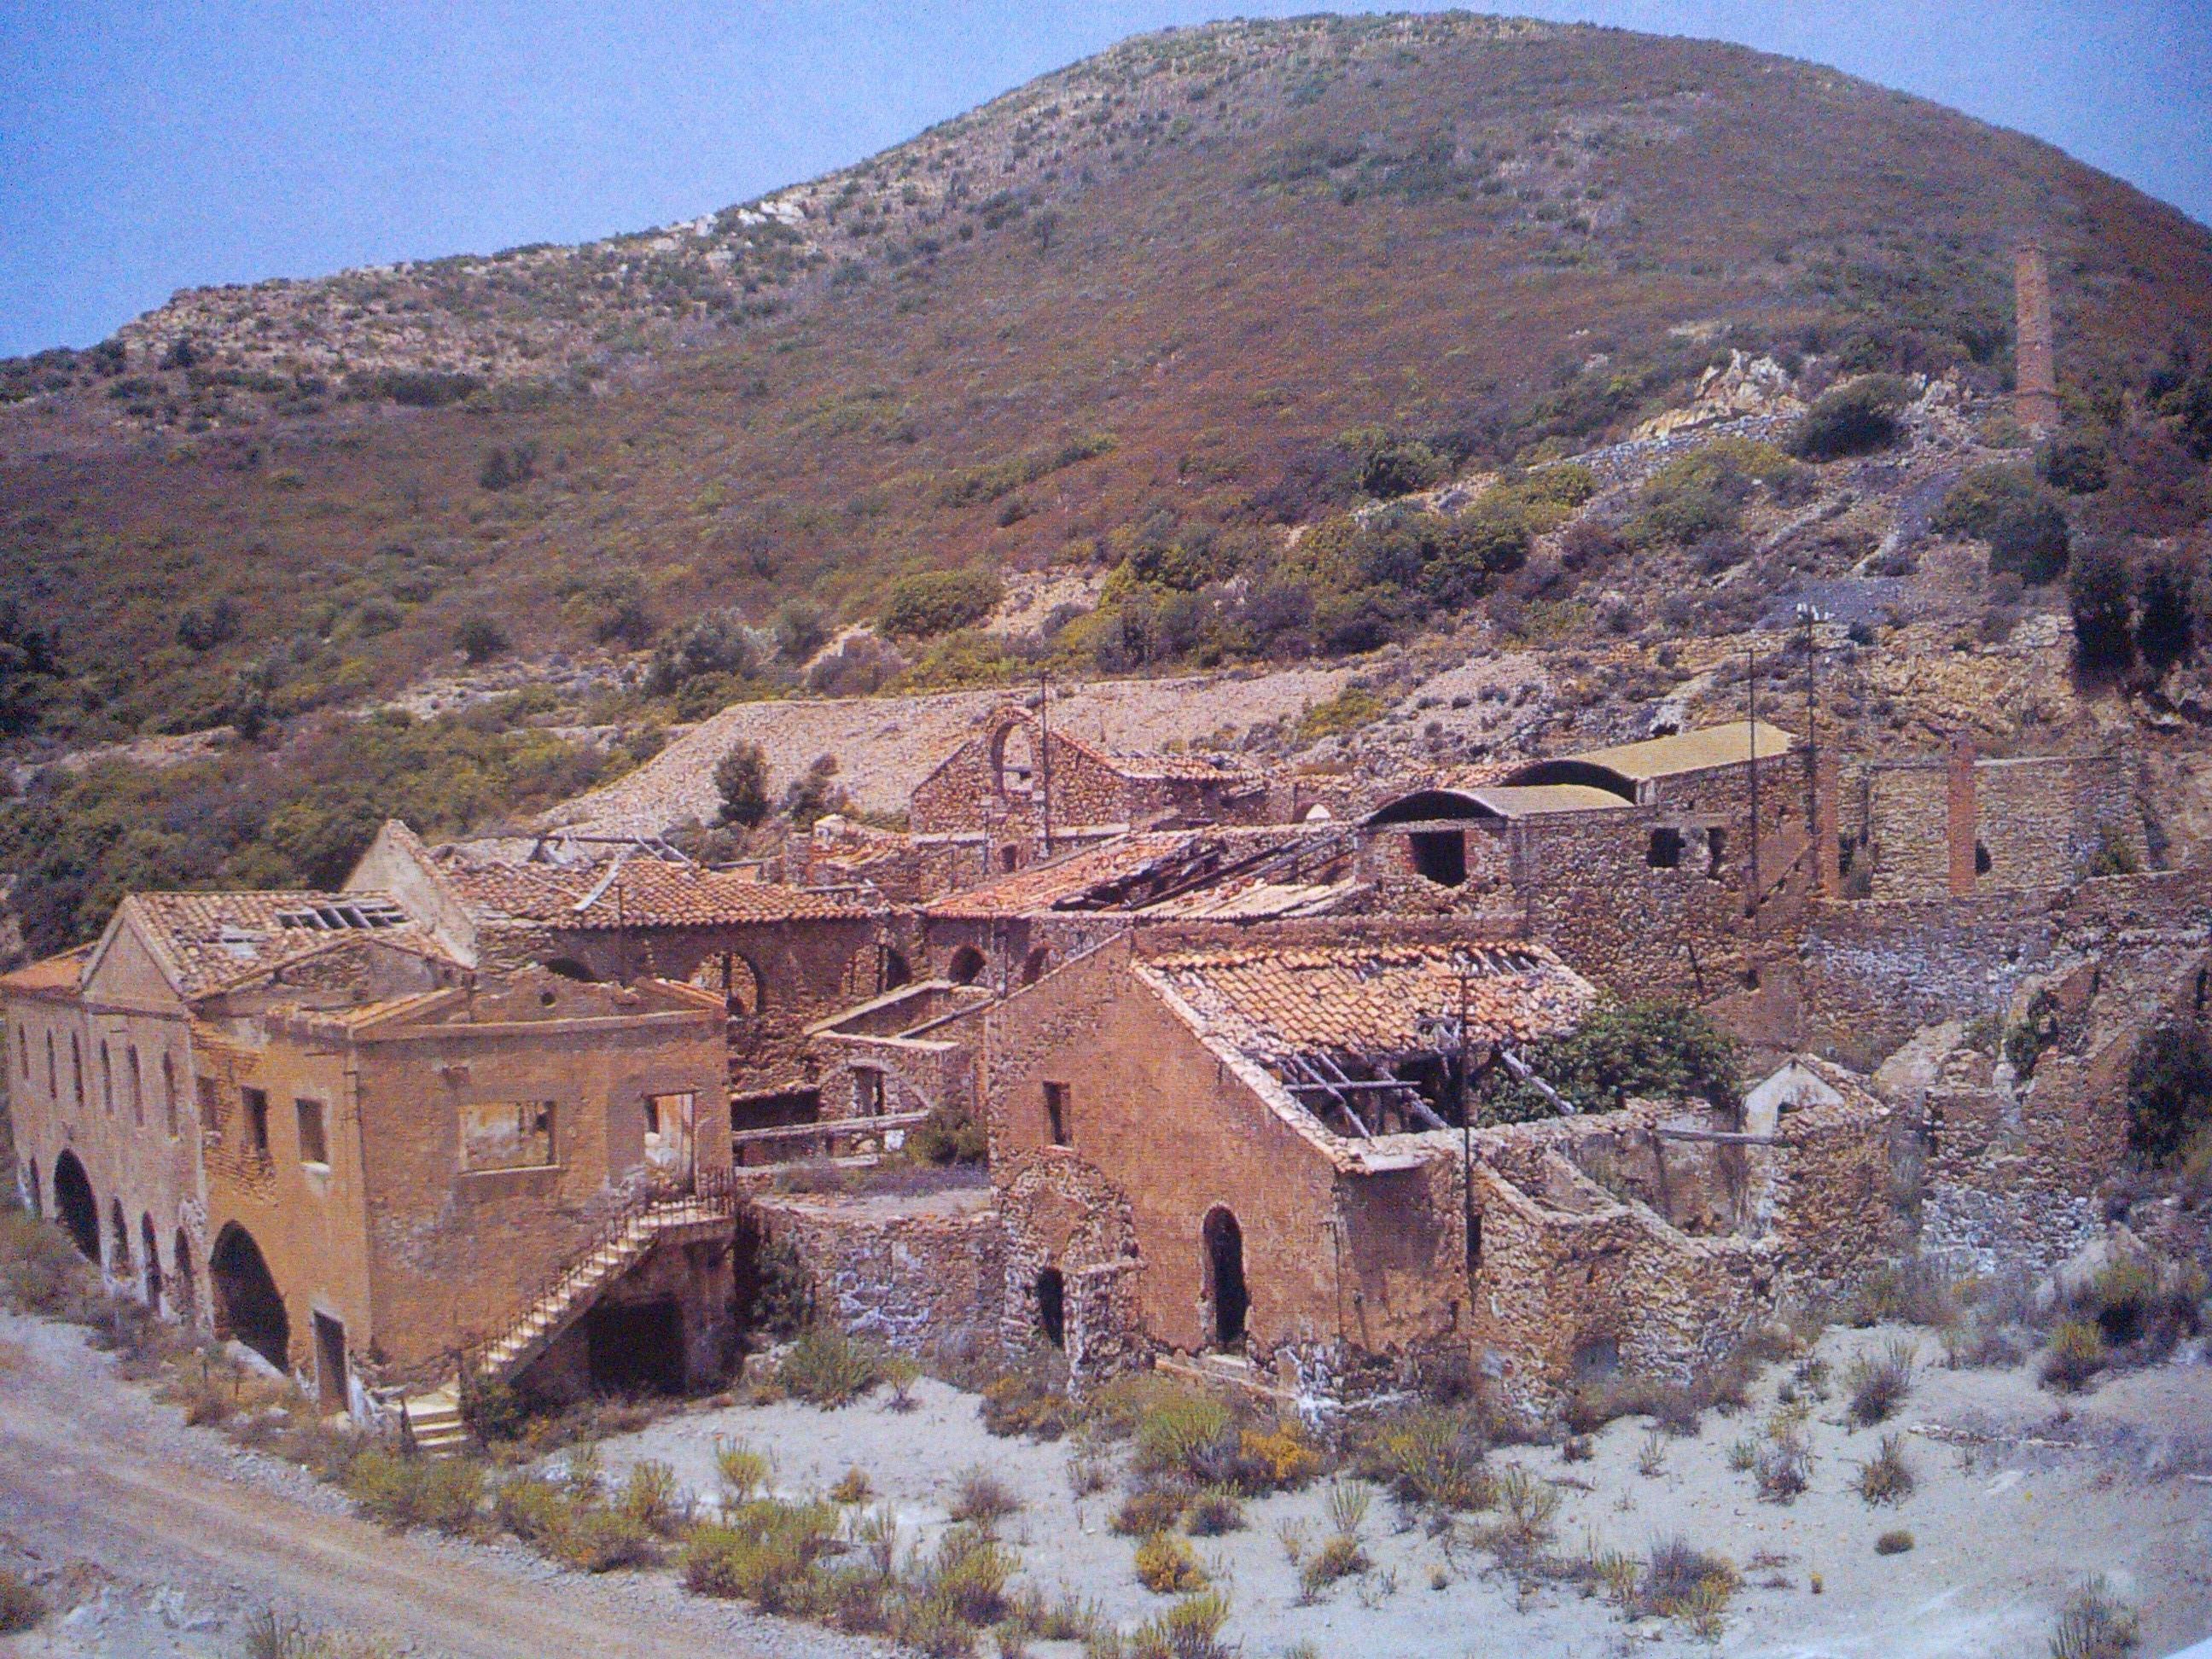 Il villaggio della Miniera di Seddas Moddizzis Foto realizzate da M.Oppes, S.Colombo 2